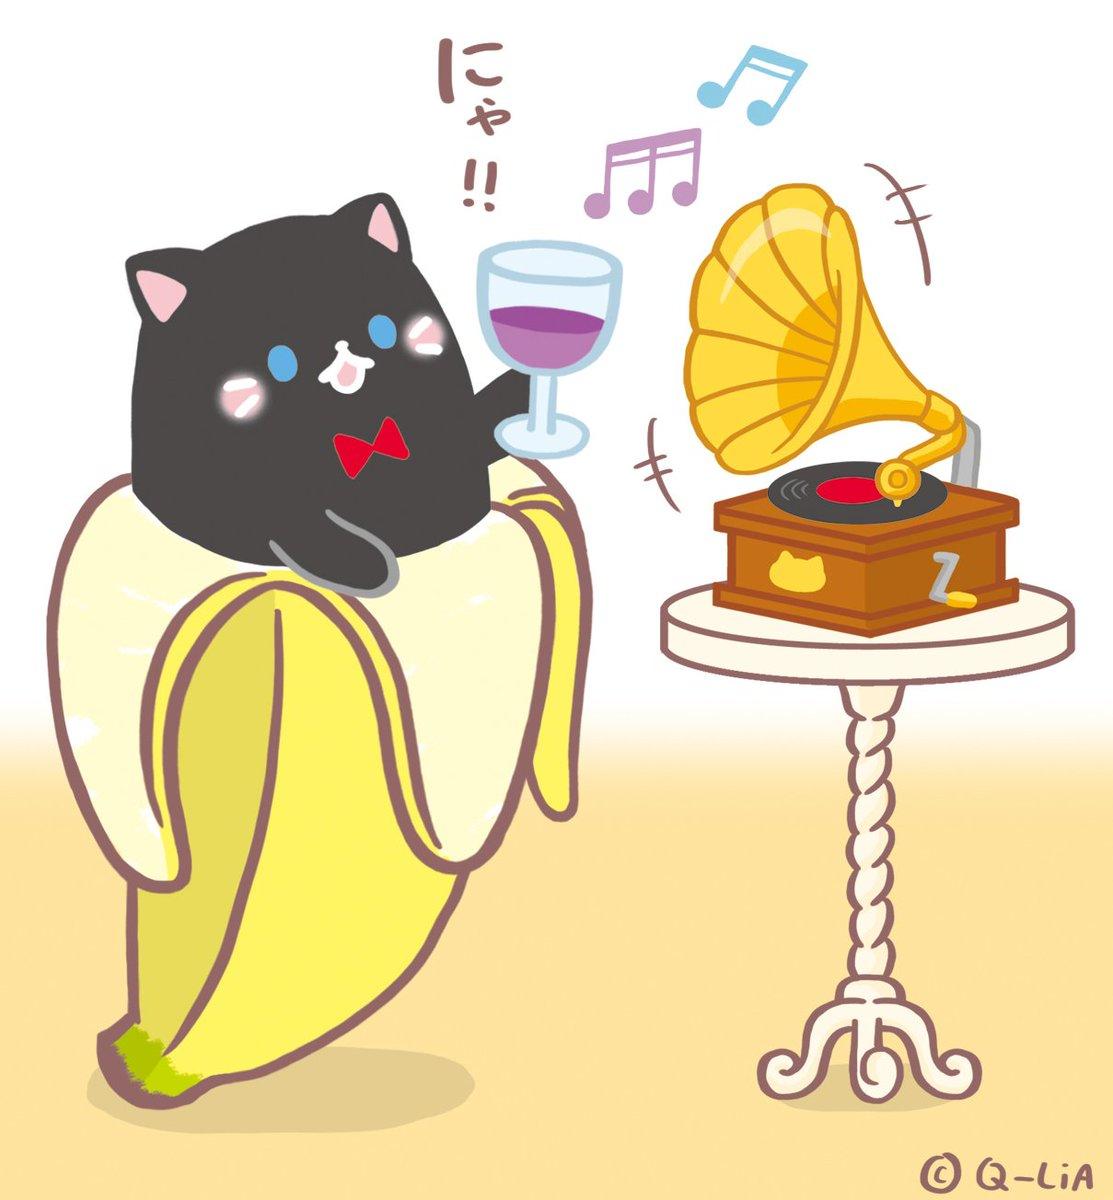 今日は音の日にゃ! くろばなにゃがオシャレな蓄音機で音楽をたしなんでいるようです #音の日 #ばなにゃ